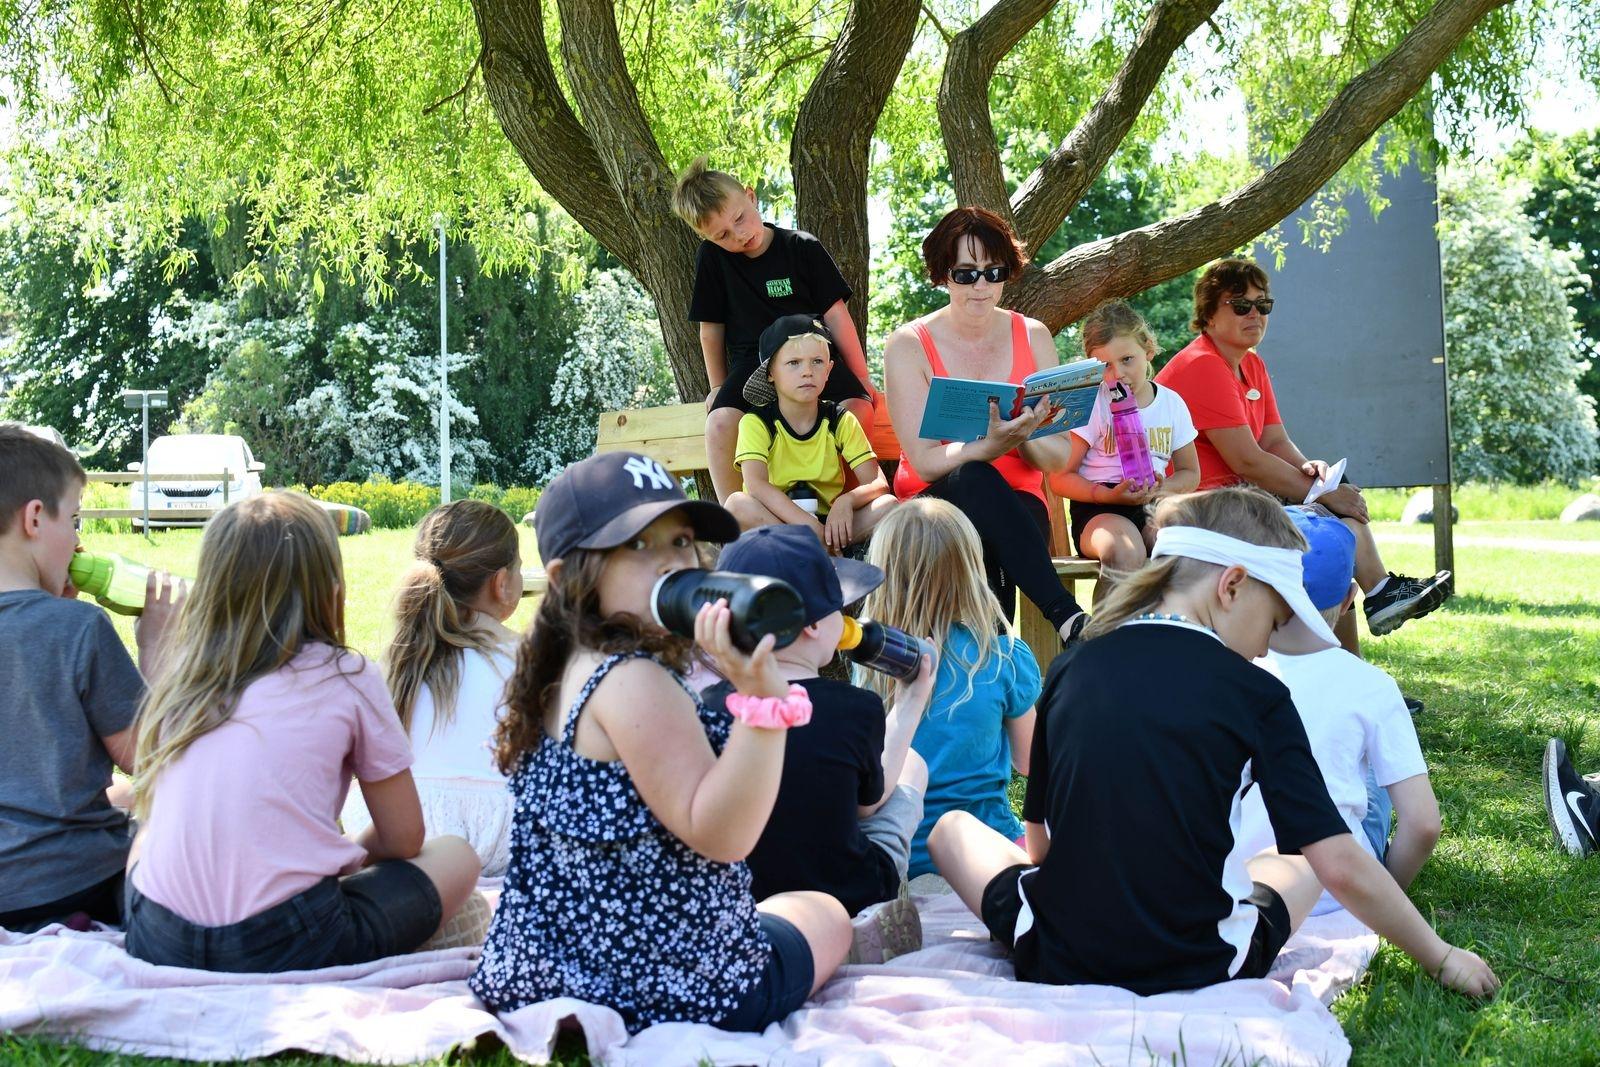 Efter en förmiddag med fartfyllda aktiviteter slog sig förskoleklassen ner i skuggan under ett träd för att ta en välförtjänt paus och lyssna på en spännande berättelse.